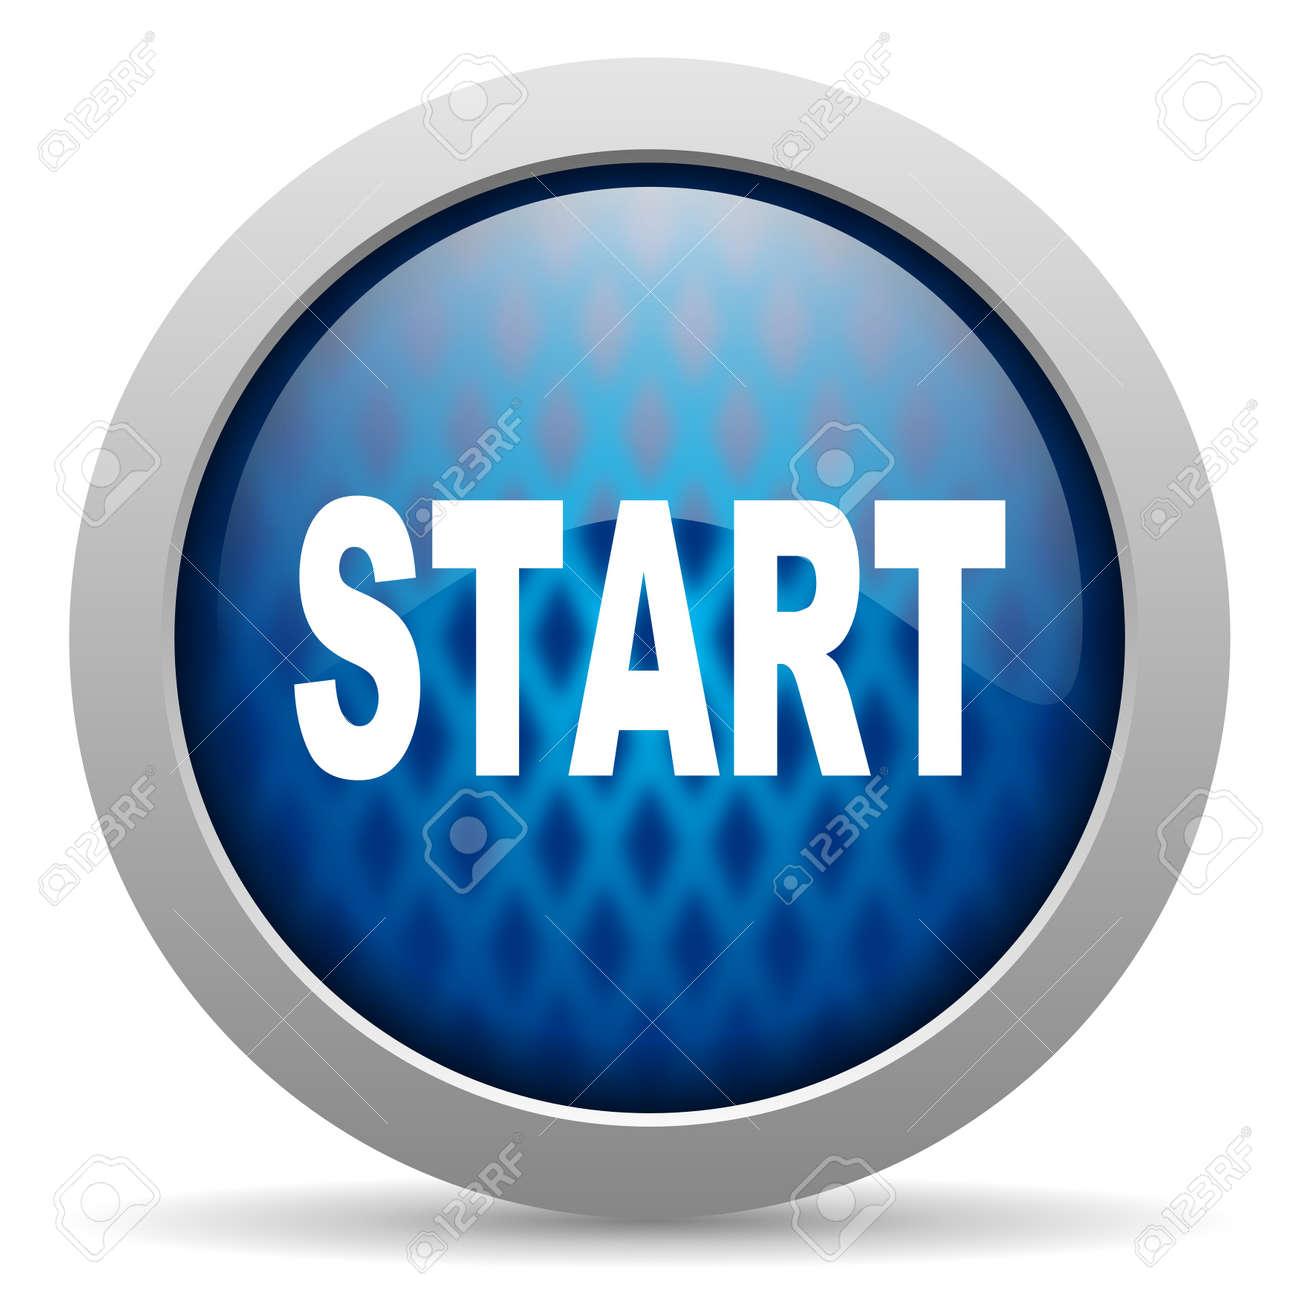 start icon Stock Photo - 15308152